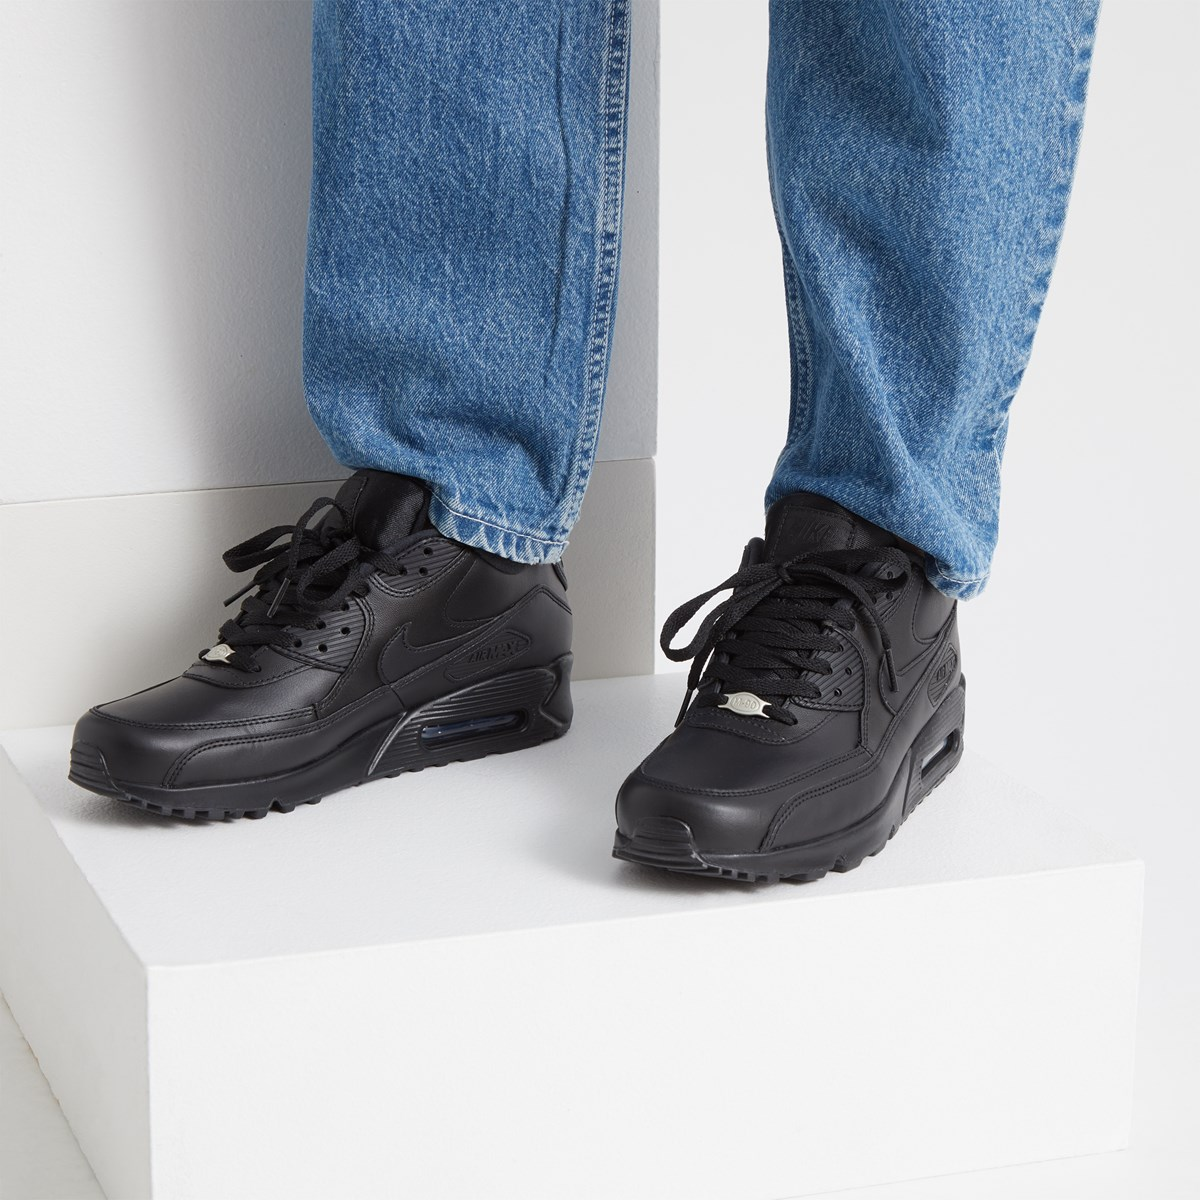 Baskets Air Max 90 en cuir noir pour hommes